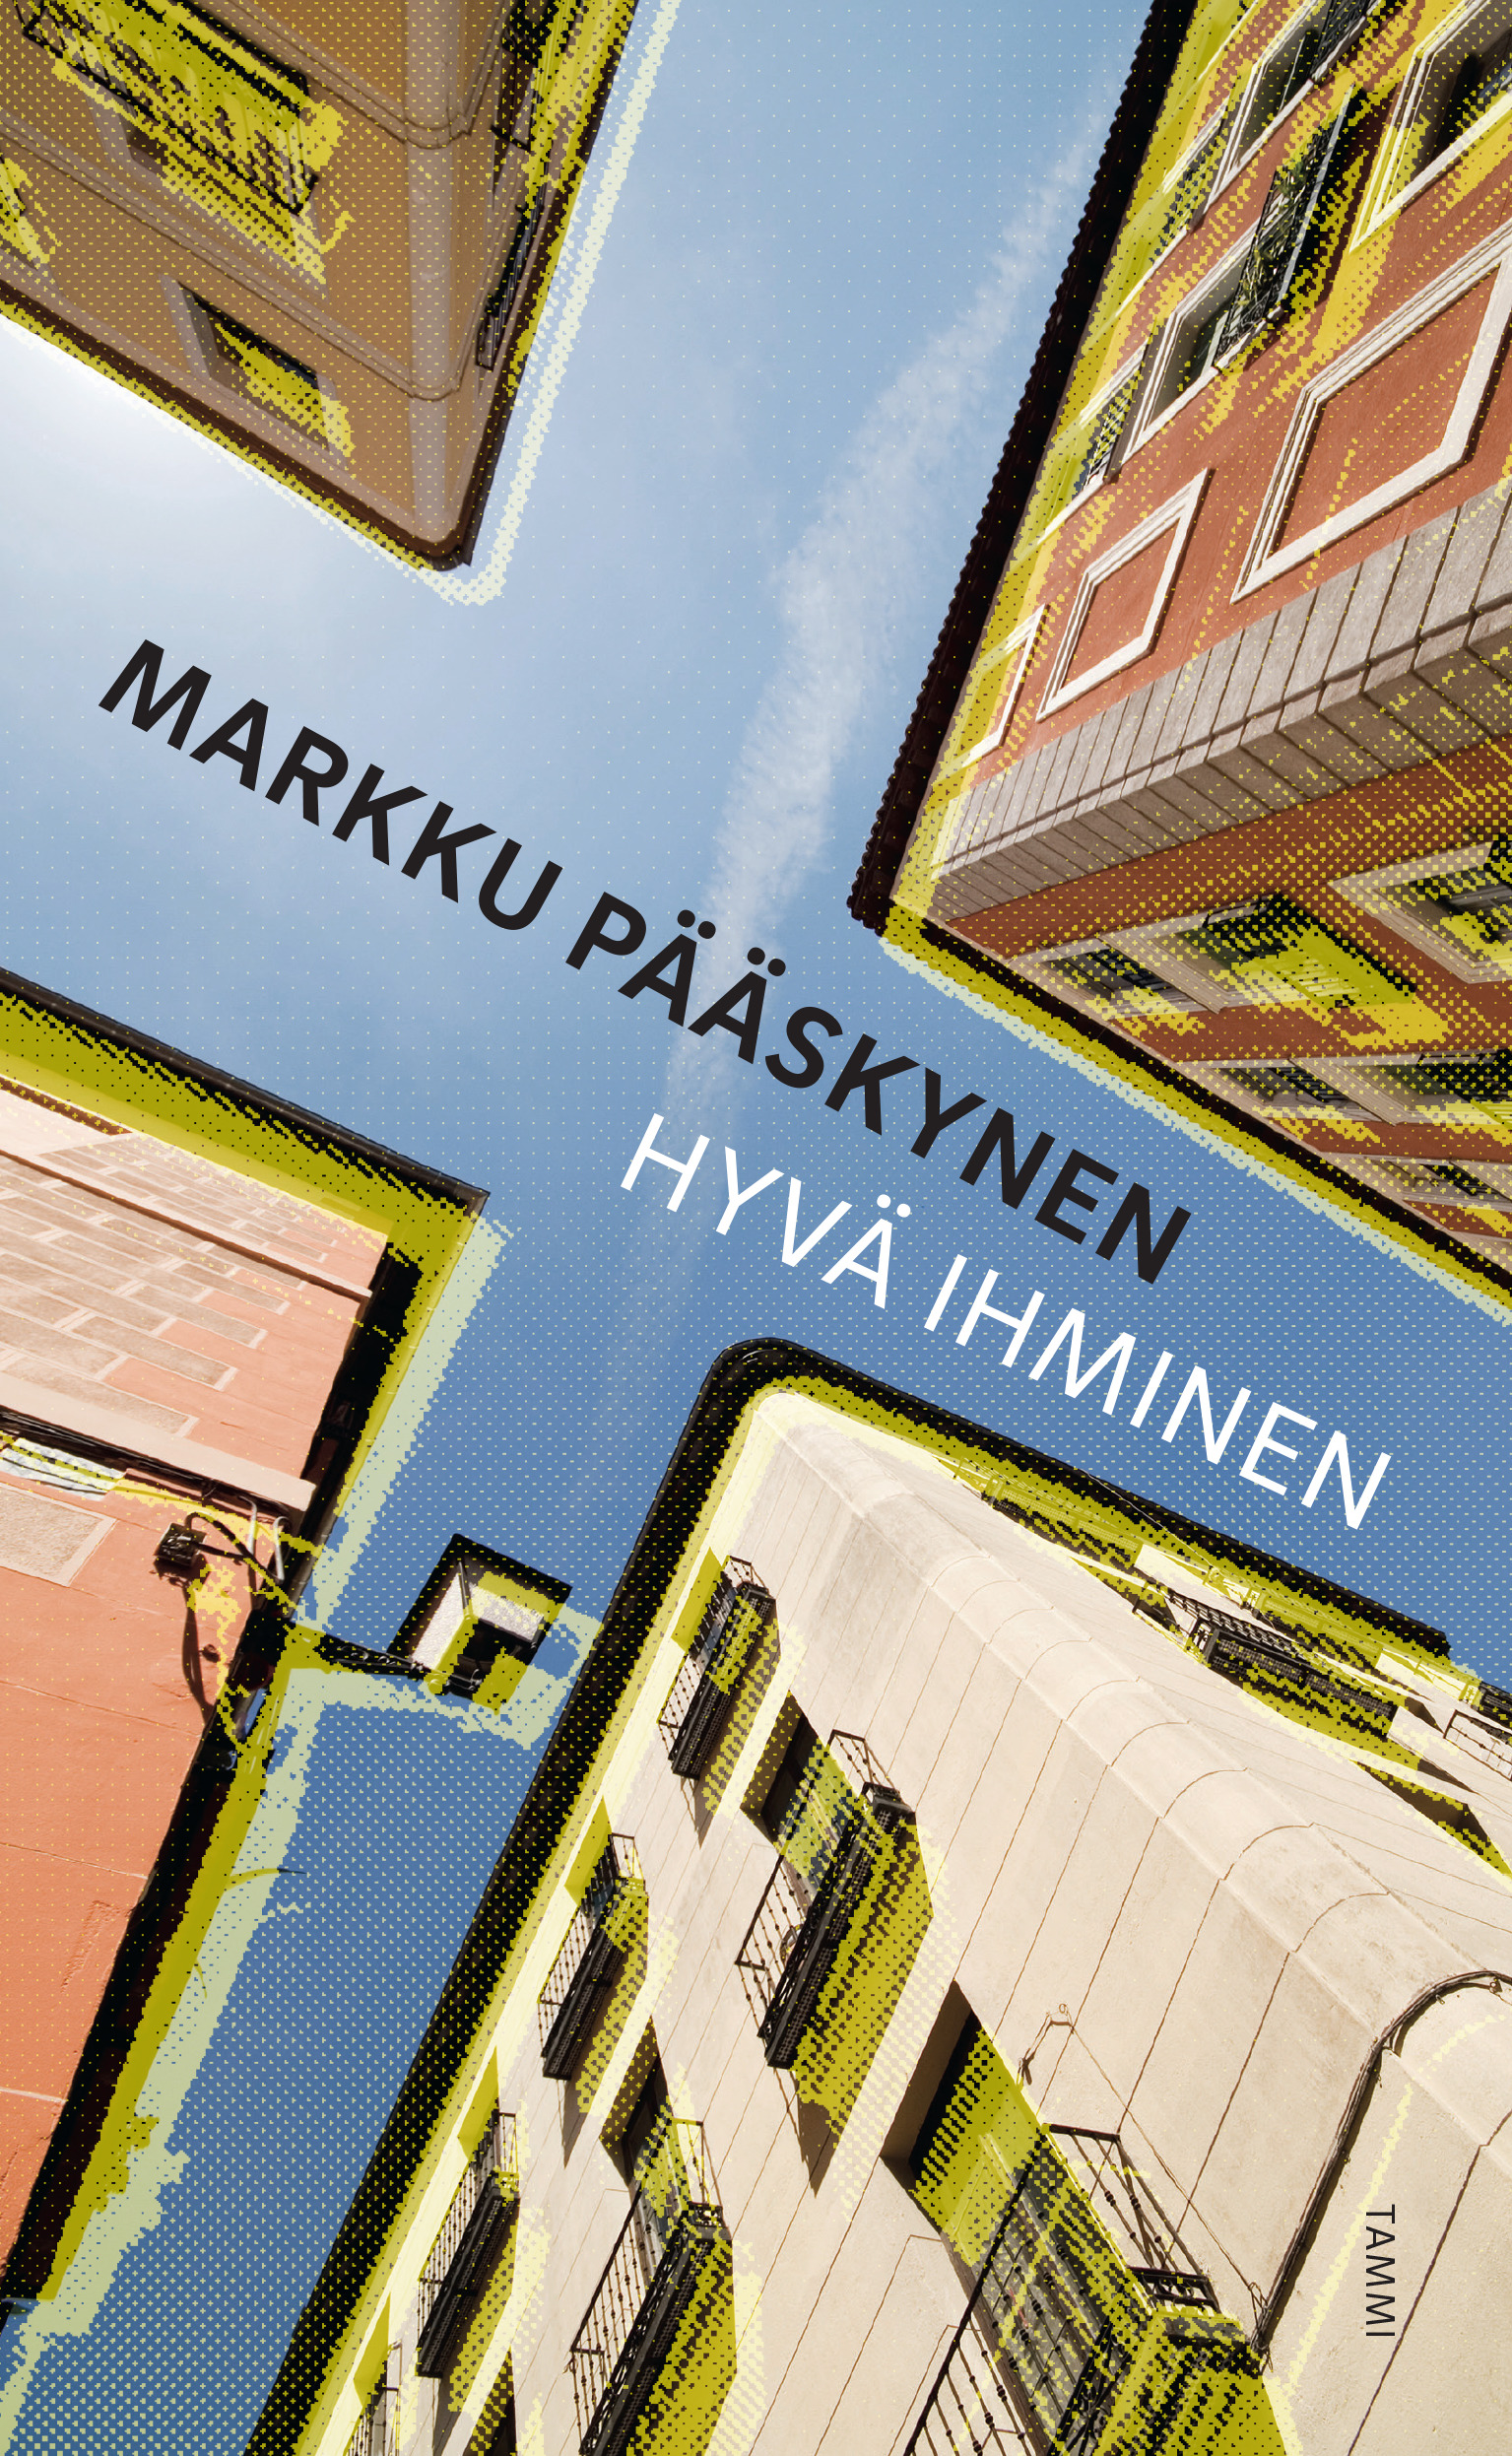 Markku Pääskynen: Hyvä ihminen -kirjan kansi